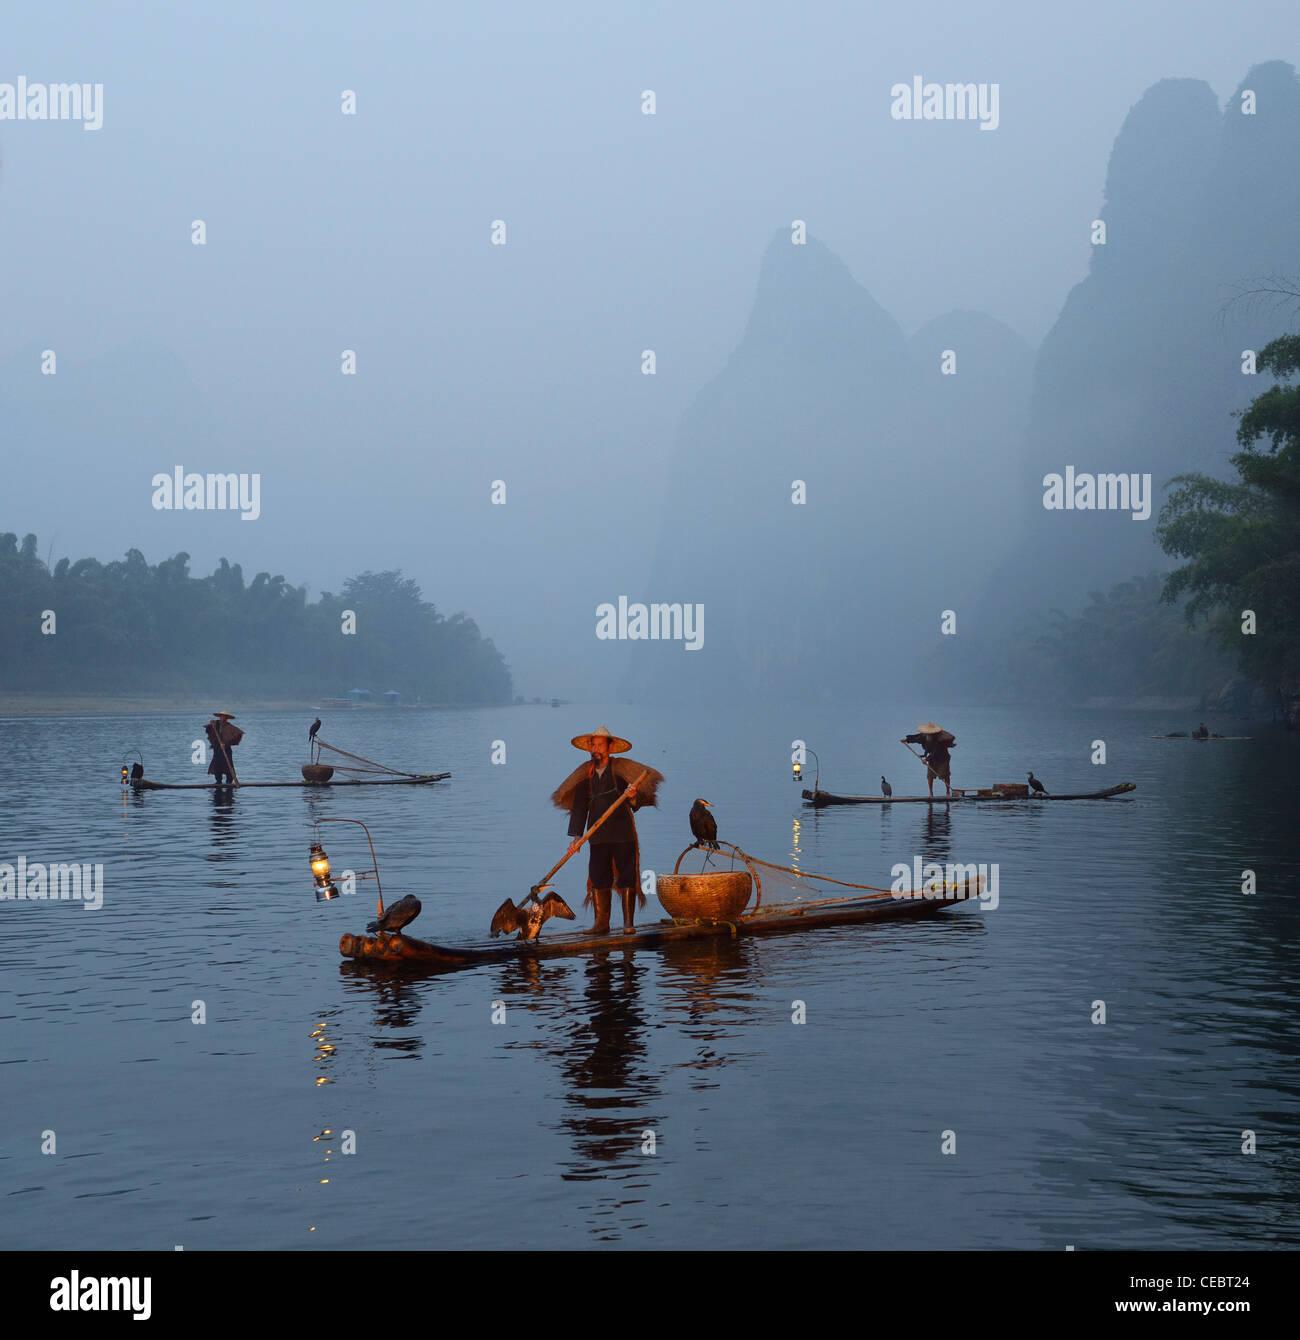 Cormorant fishermen on the Li river at dawn with Karst mountain peaks in mist Xingpingzhen Yangshuo, Guilin, Guangxi China Stock Photo